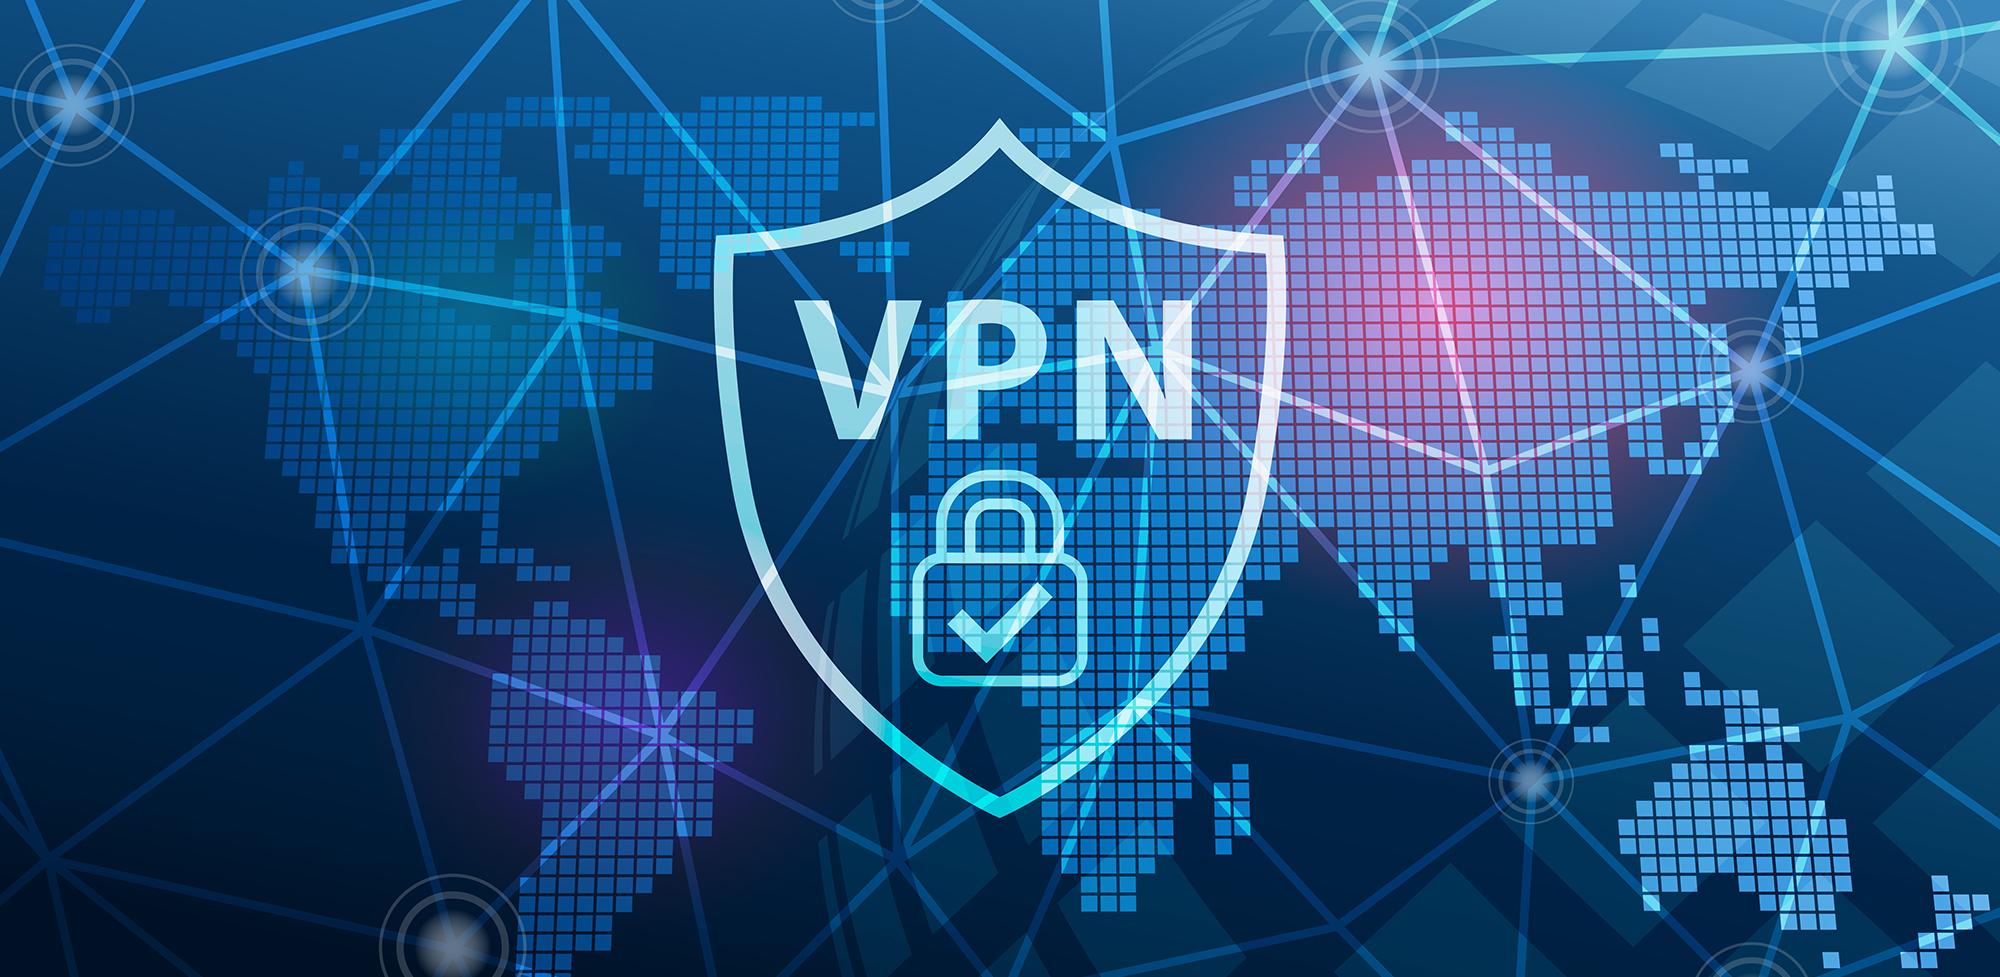 Роскомнадзор собирается блокировать VPN-сервисы за нарушение закона